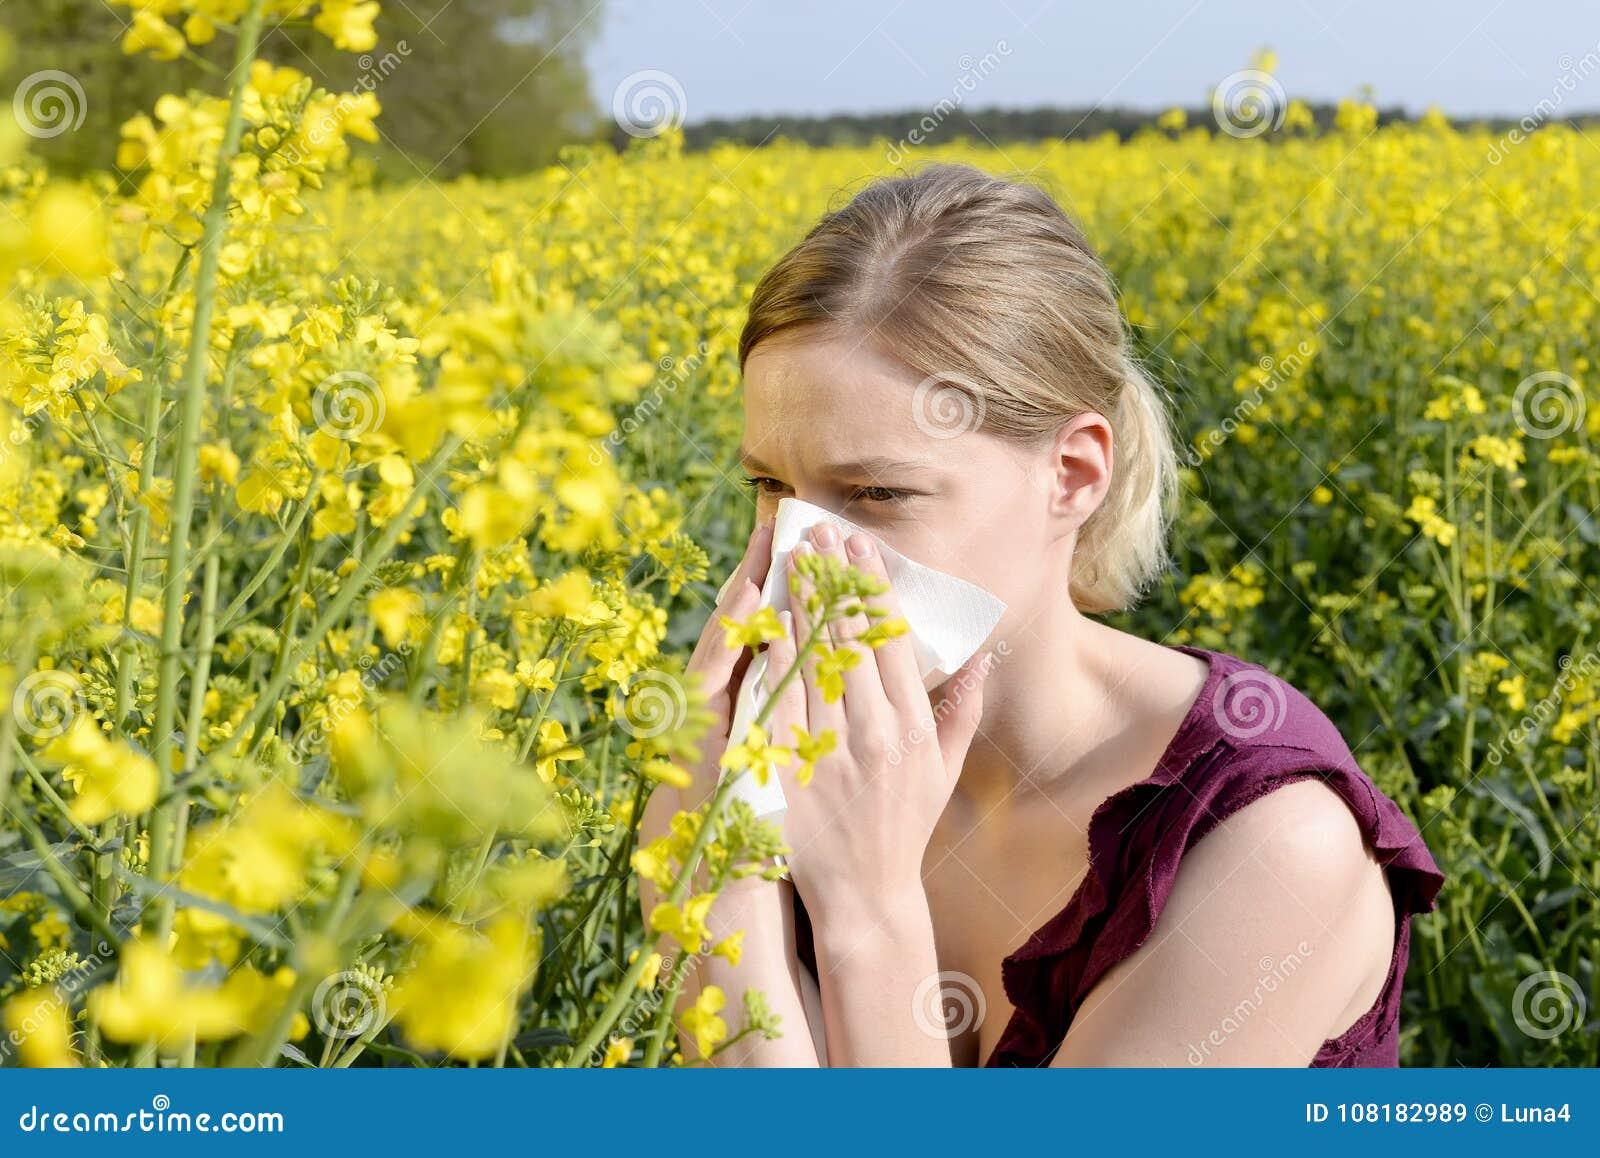 лихорадка имеет женщину сена